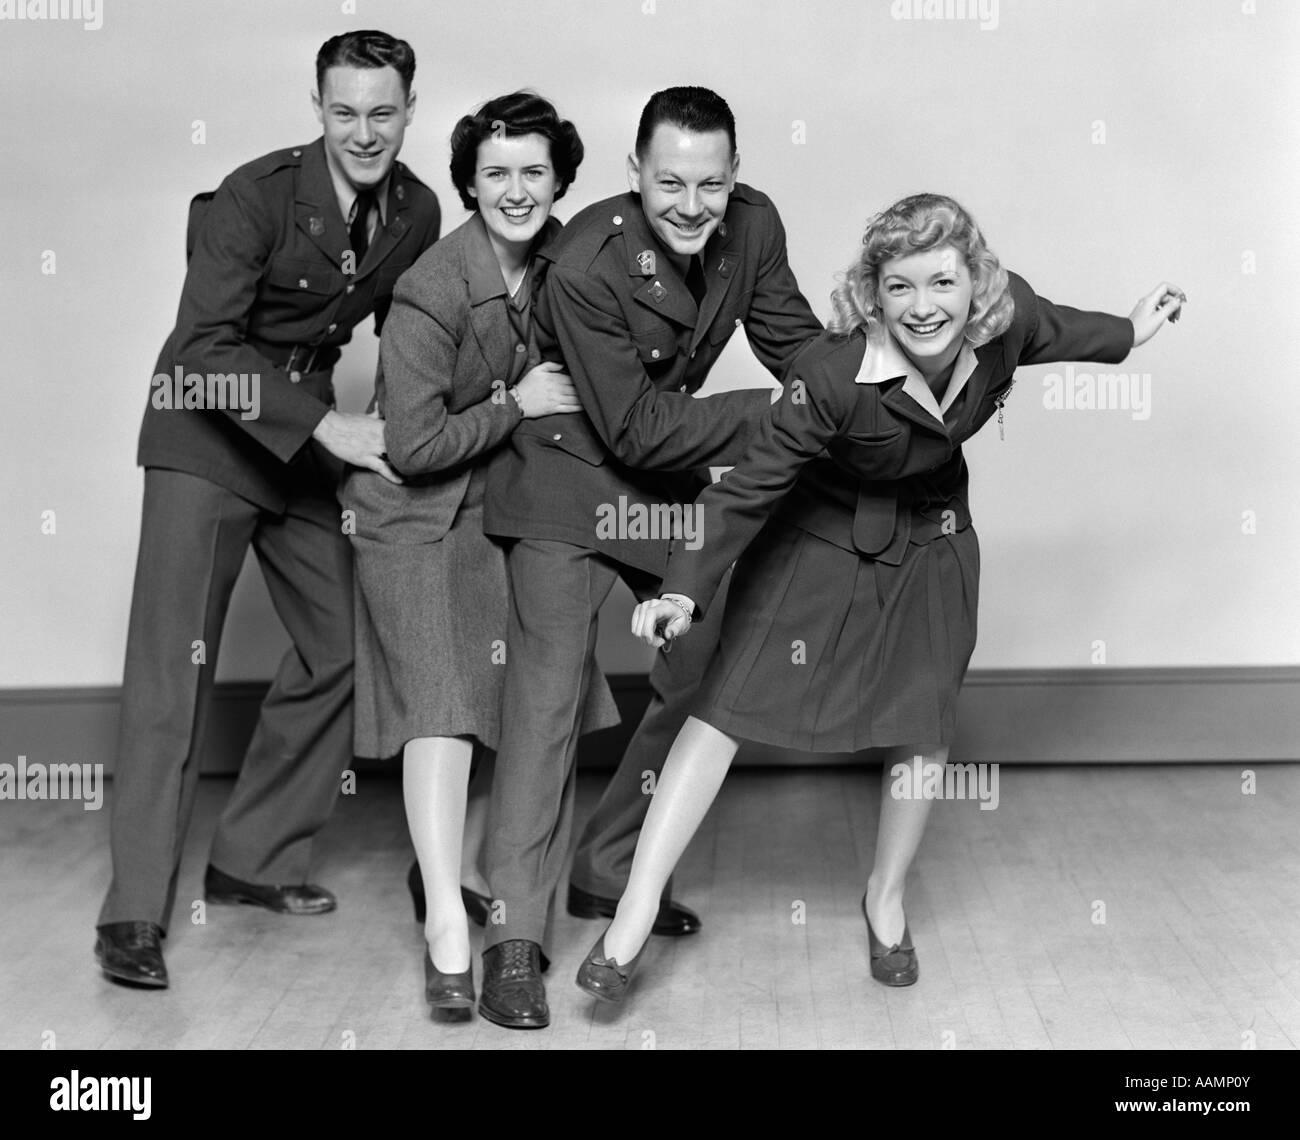 1940 línea de conga soldados dos hombres y dos mujeres bailando sonriendo mirando a la cámara Imagen De Stock